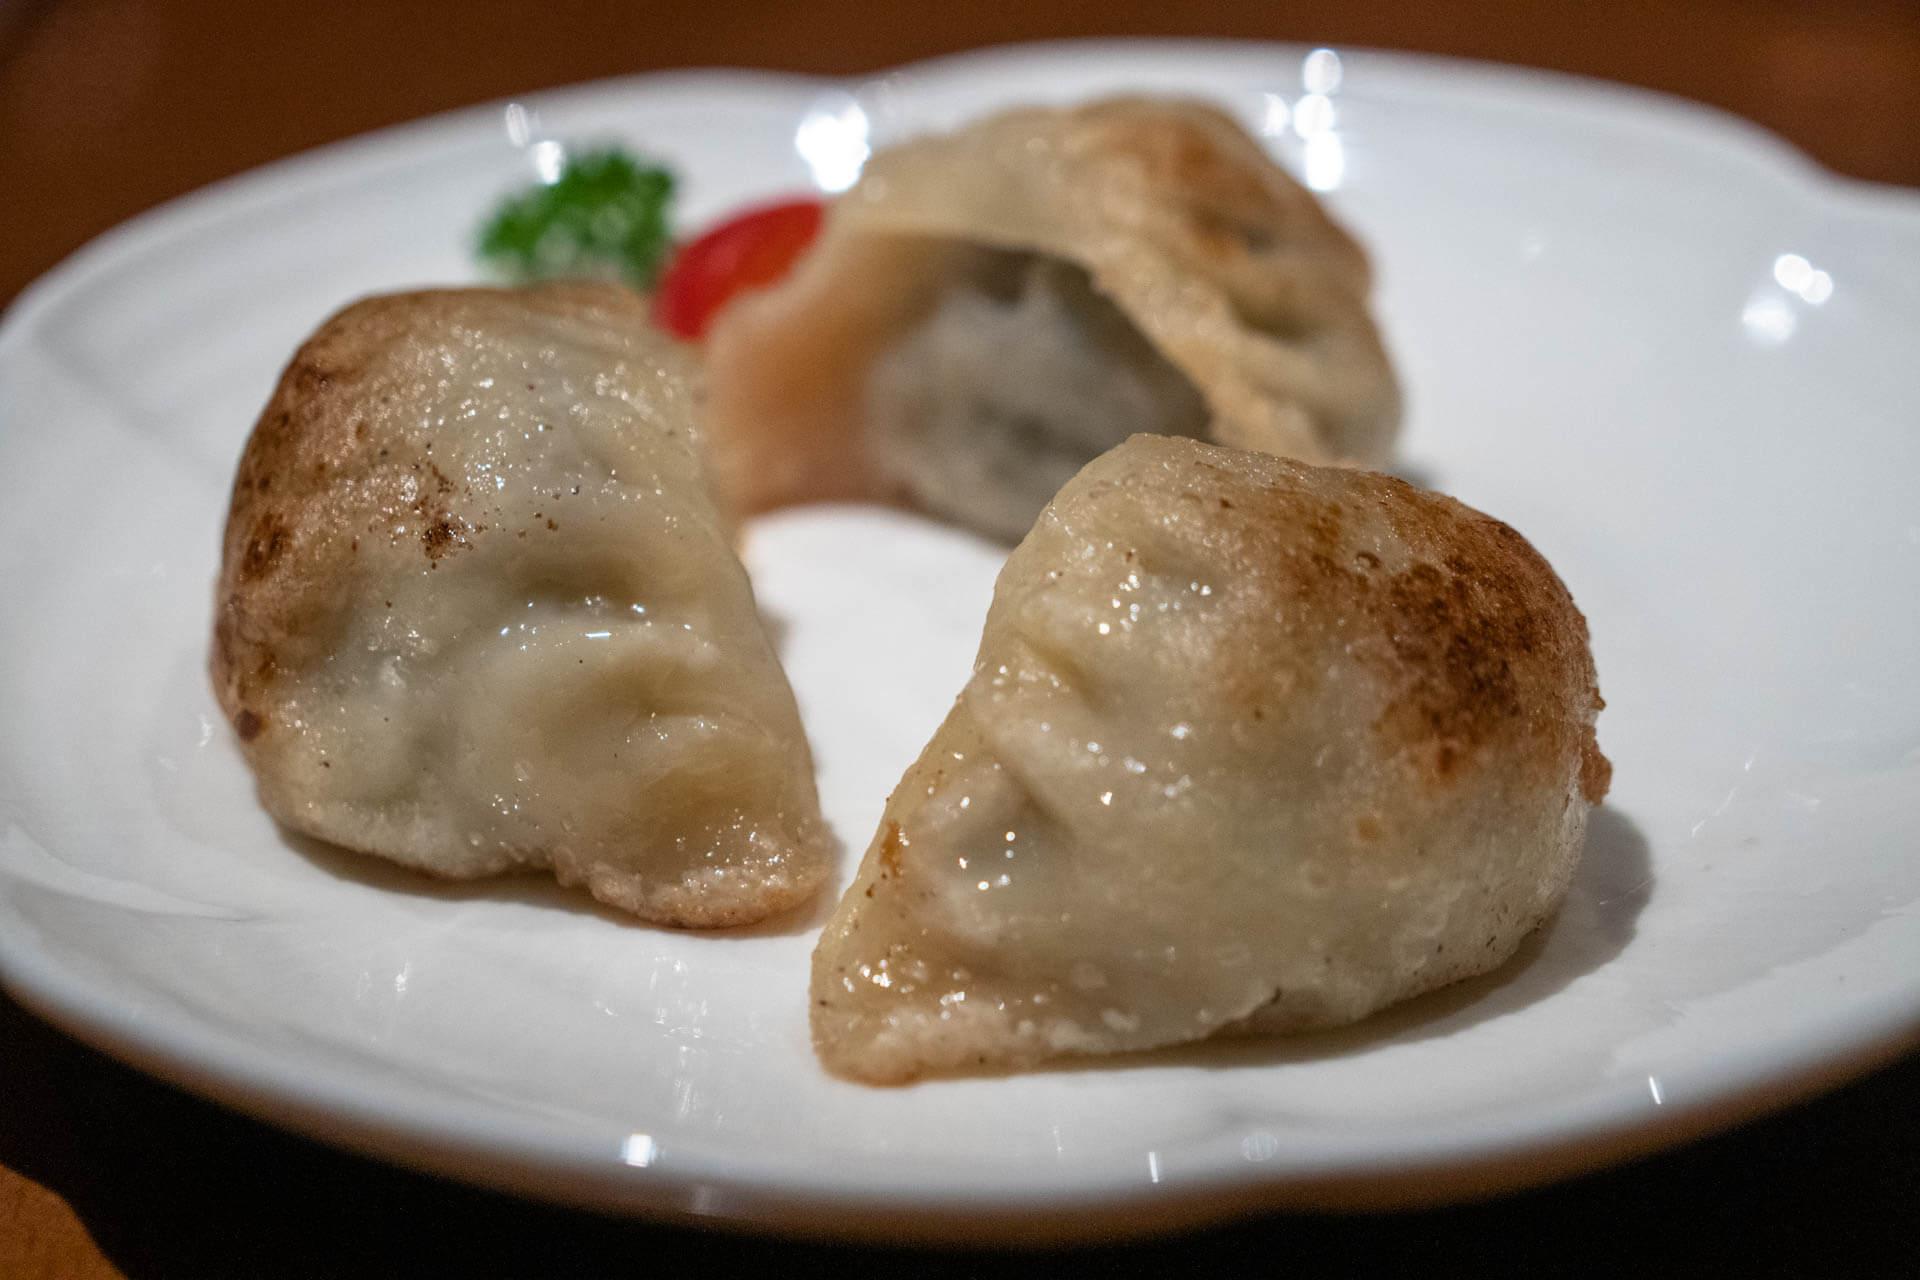 Dumplings mit Wagyu Rind gefüllt